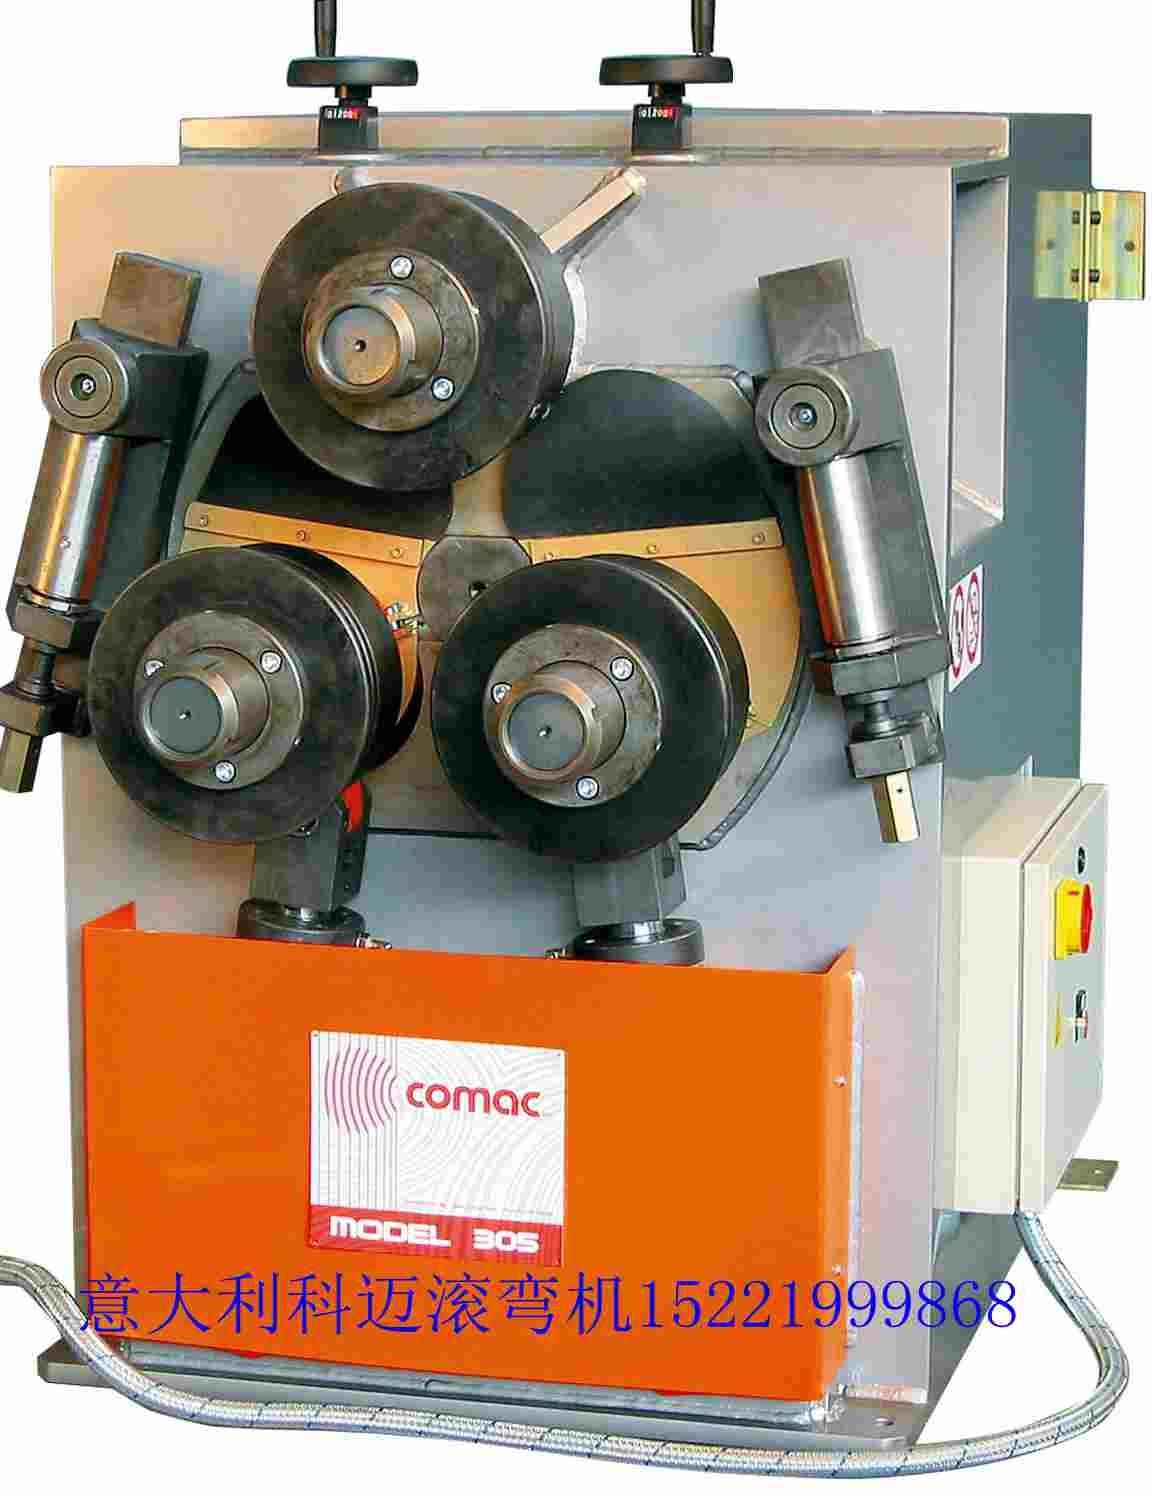 槽钢角钢扁钢工字钢h型钢滚弯机弯弧机滚圆机盘管机弯管机